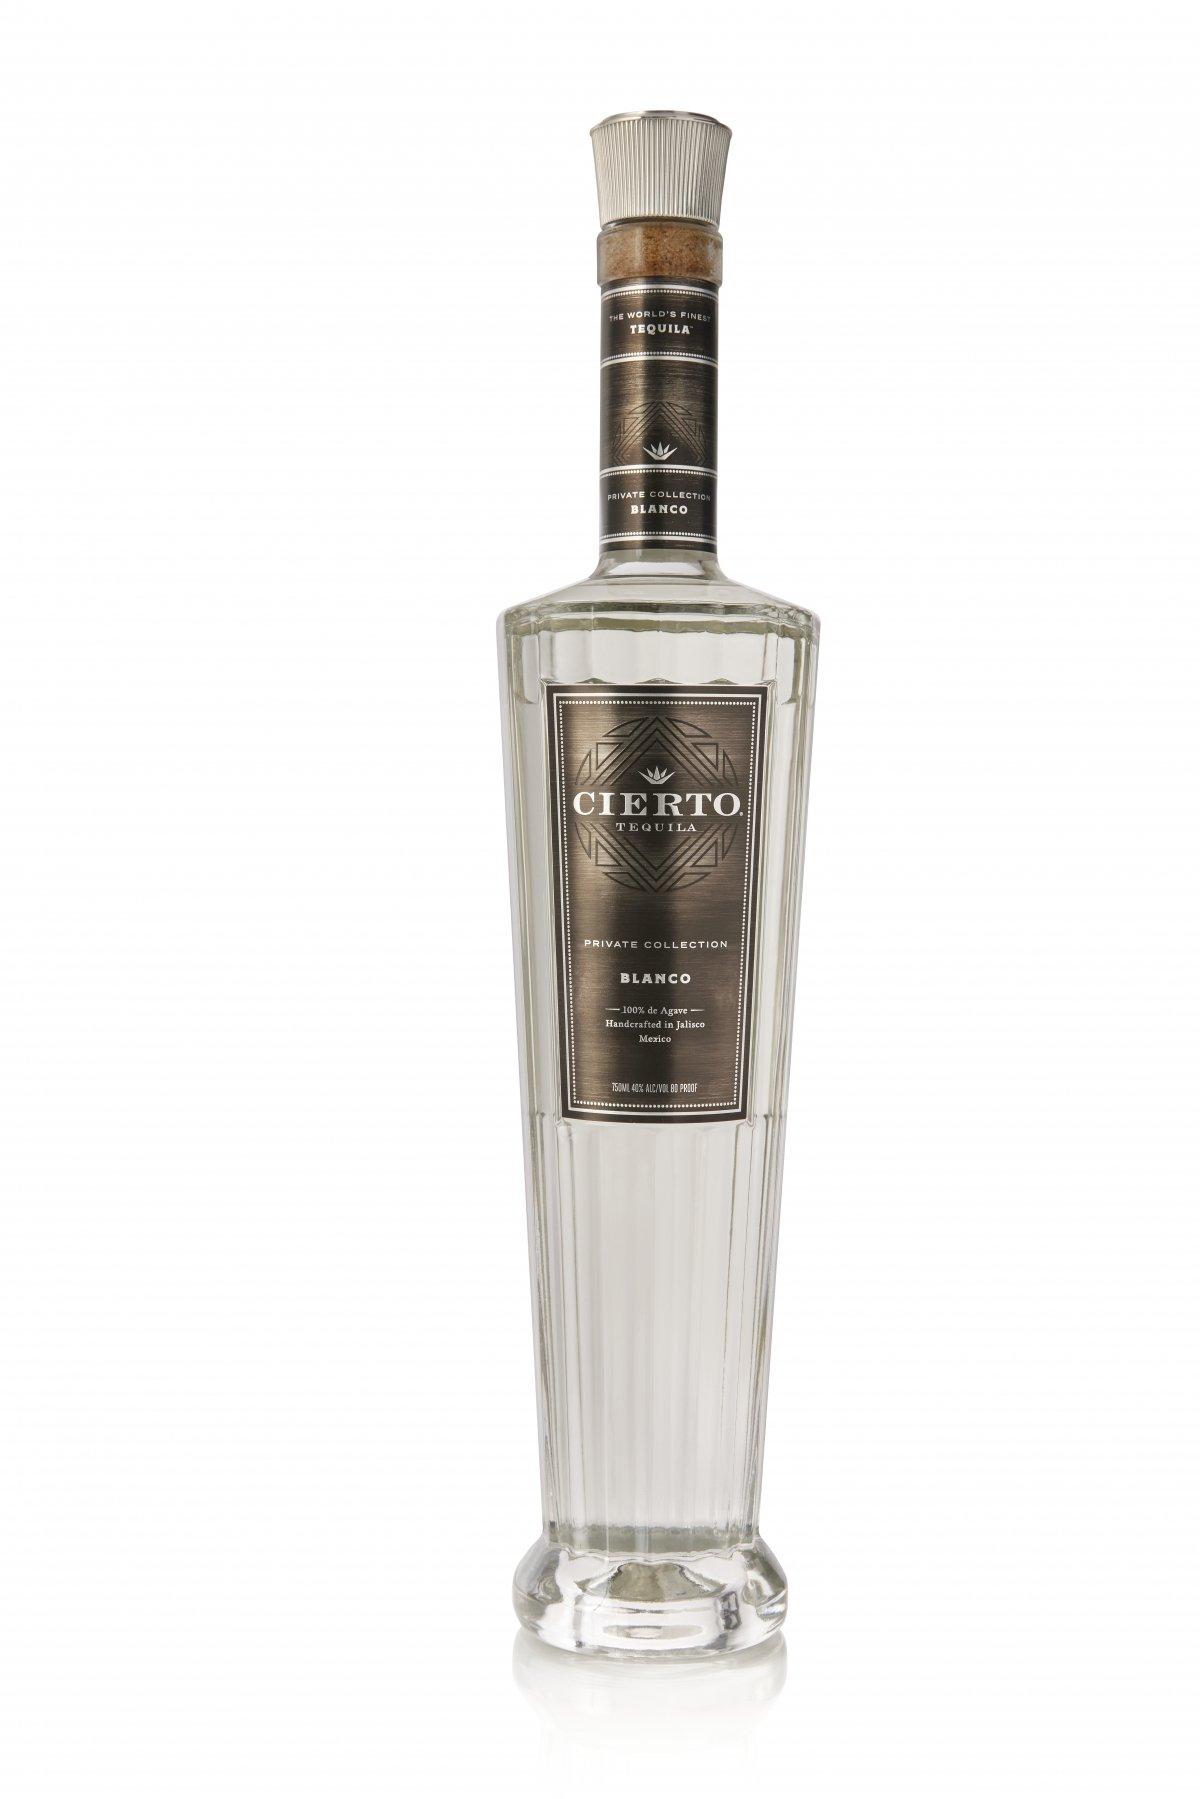 Botella de Cierto Tequila Private Collection Blanco